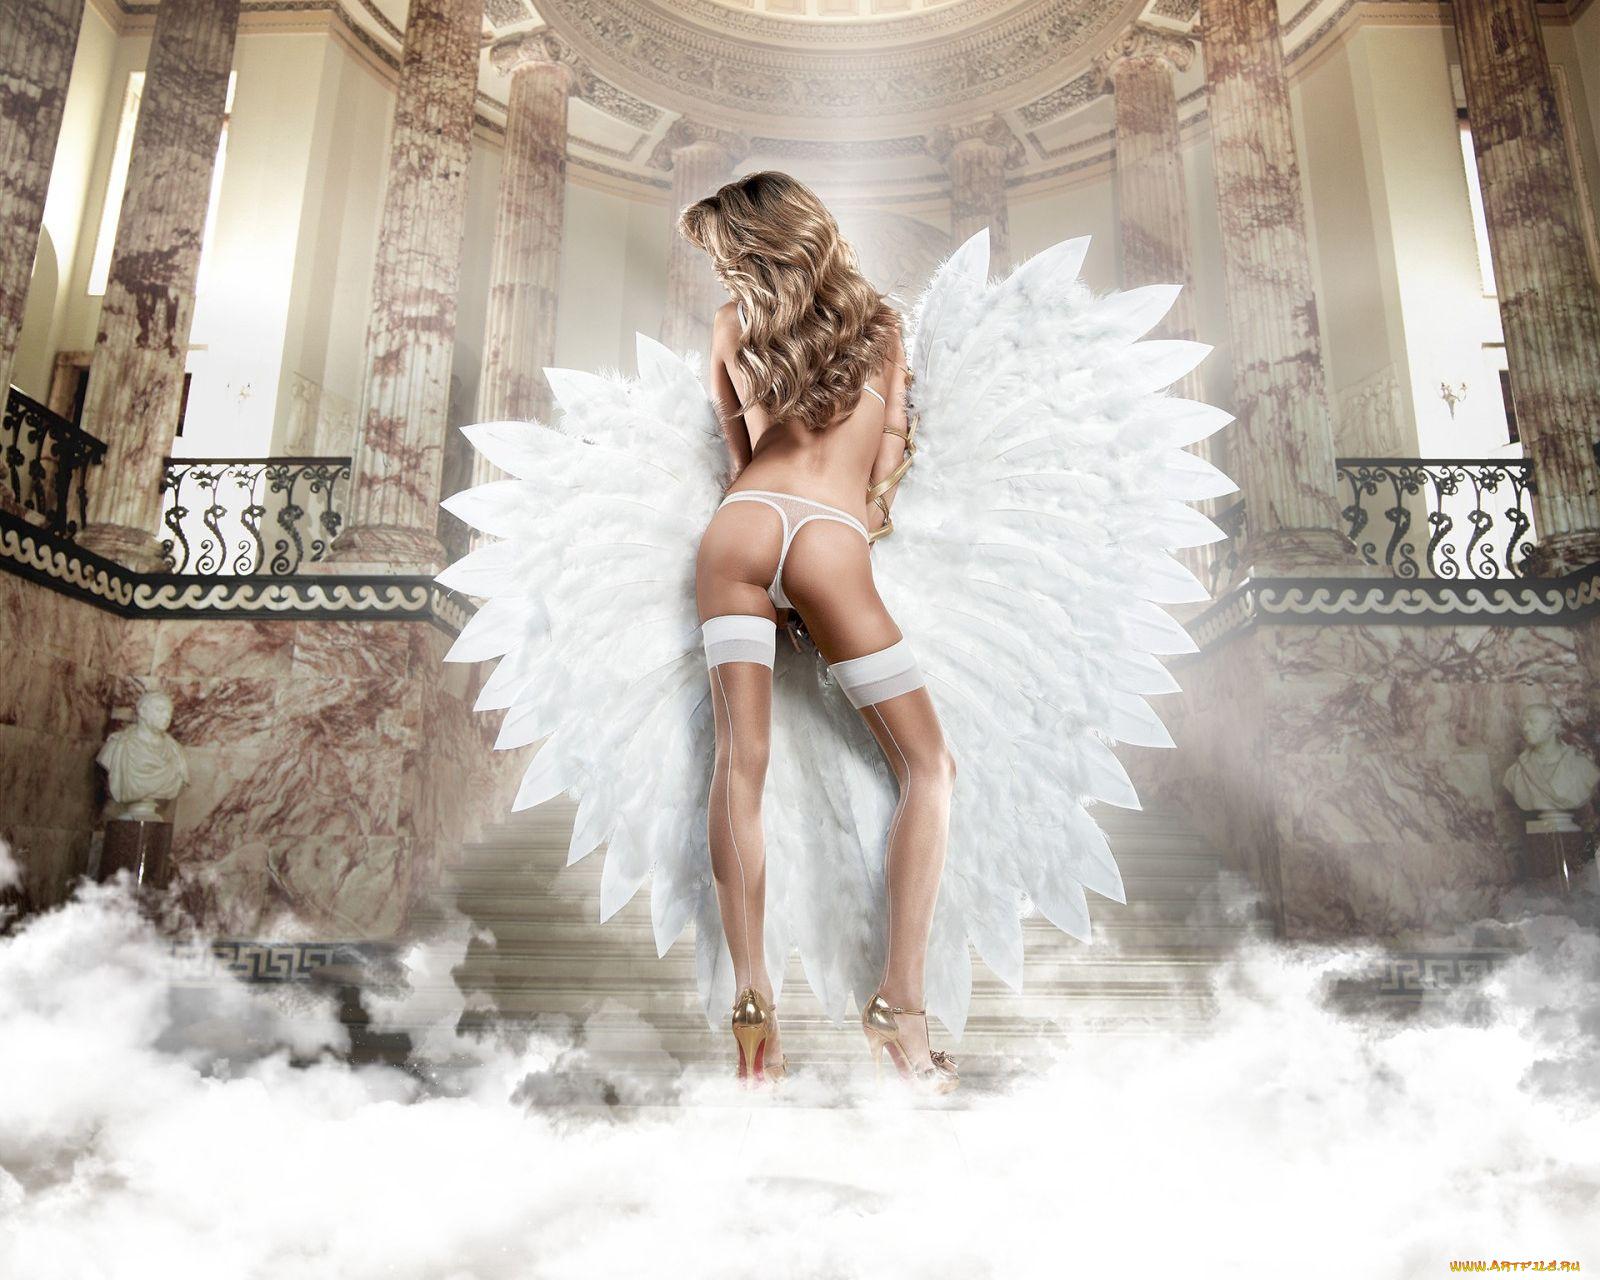 ангел в чулках смотреть - 5